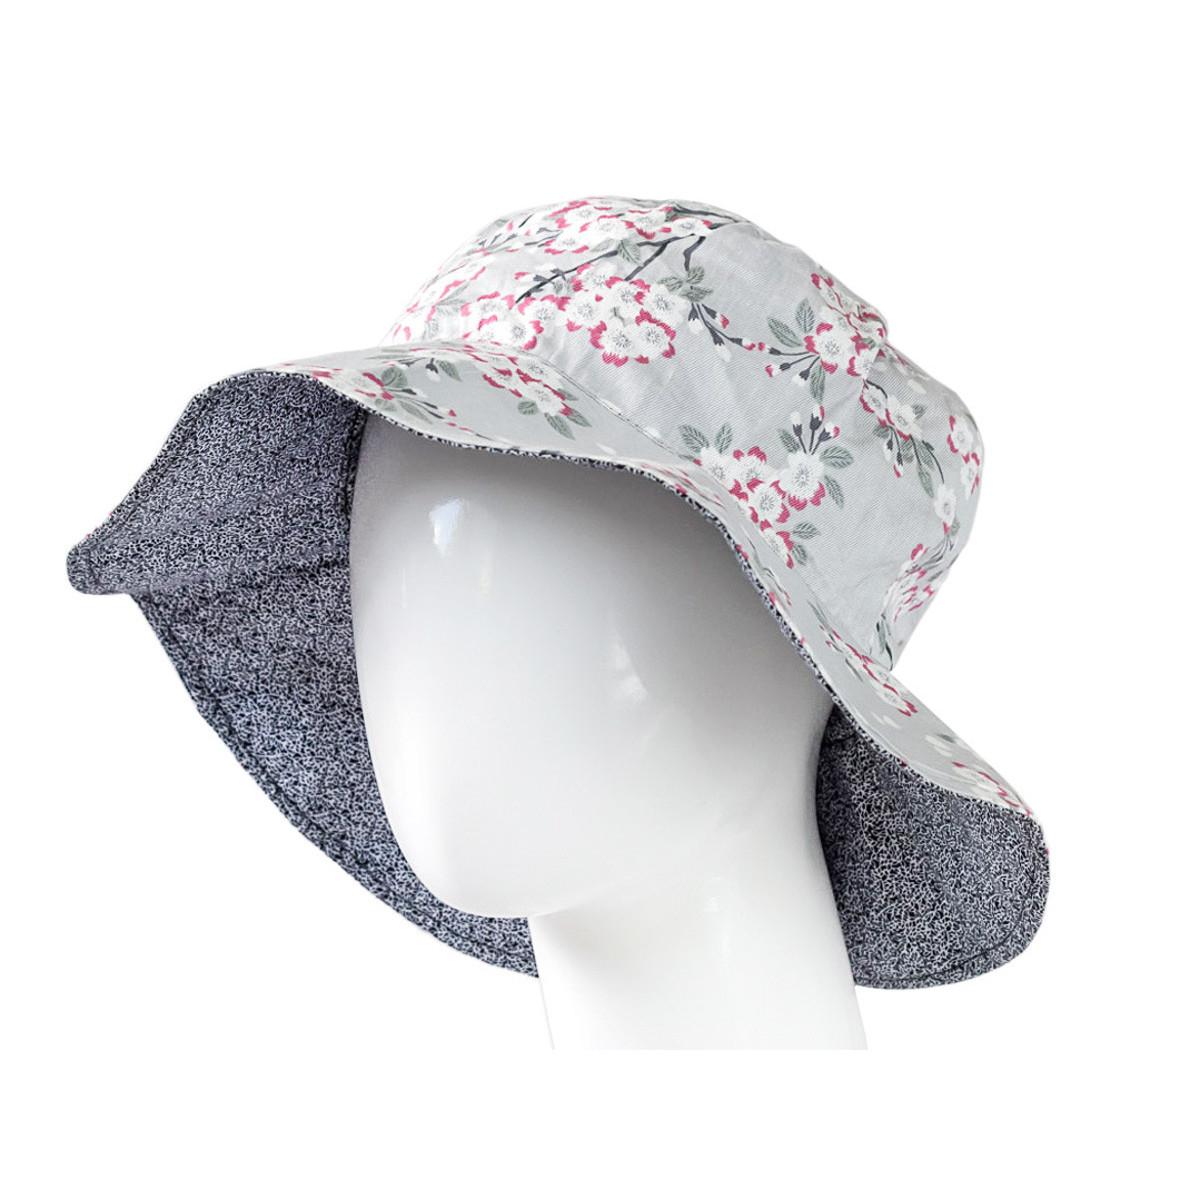 Chapeau capeline coton adulte réversible gris perle et fleurs de cerisiers